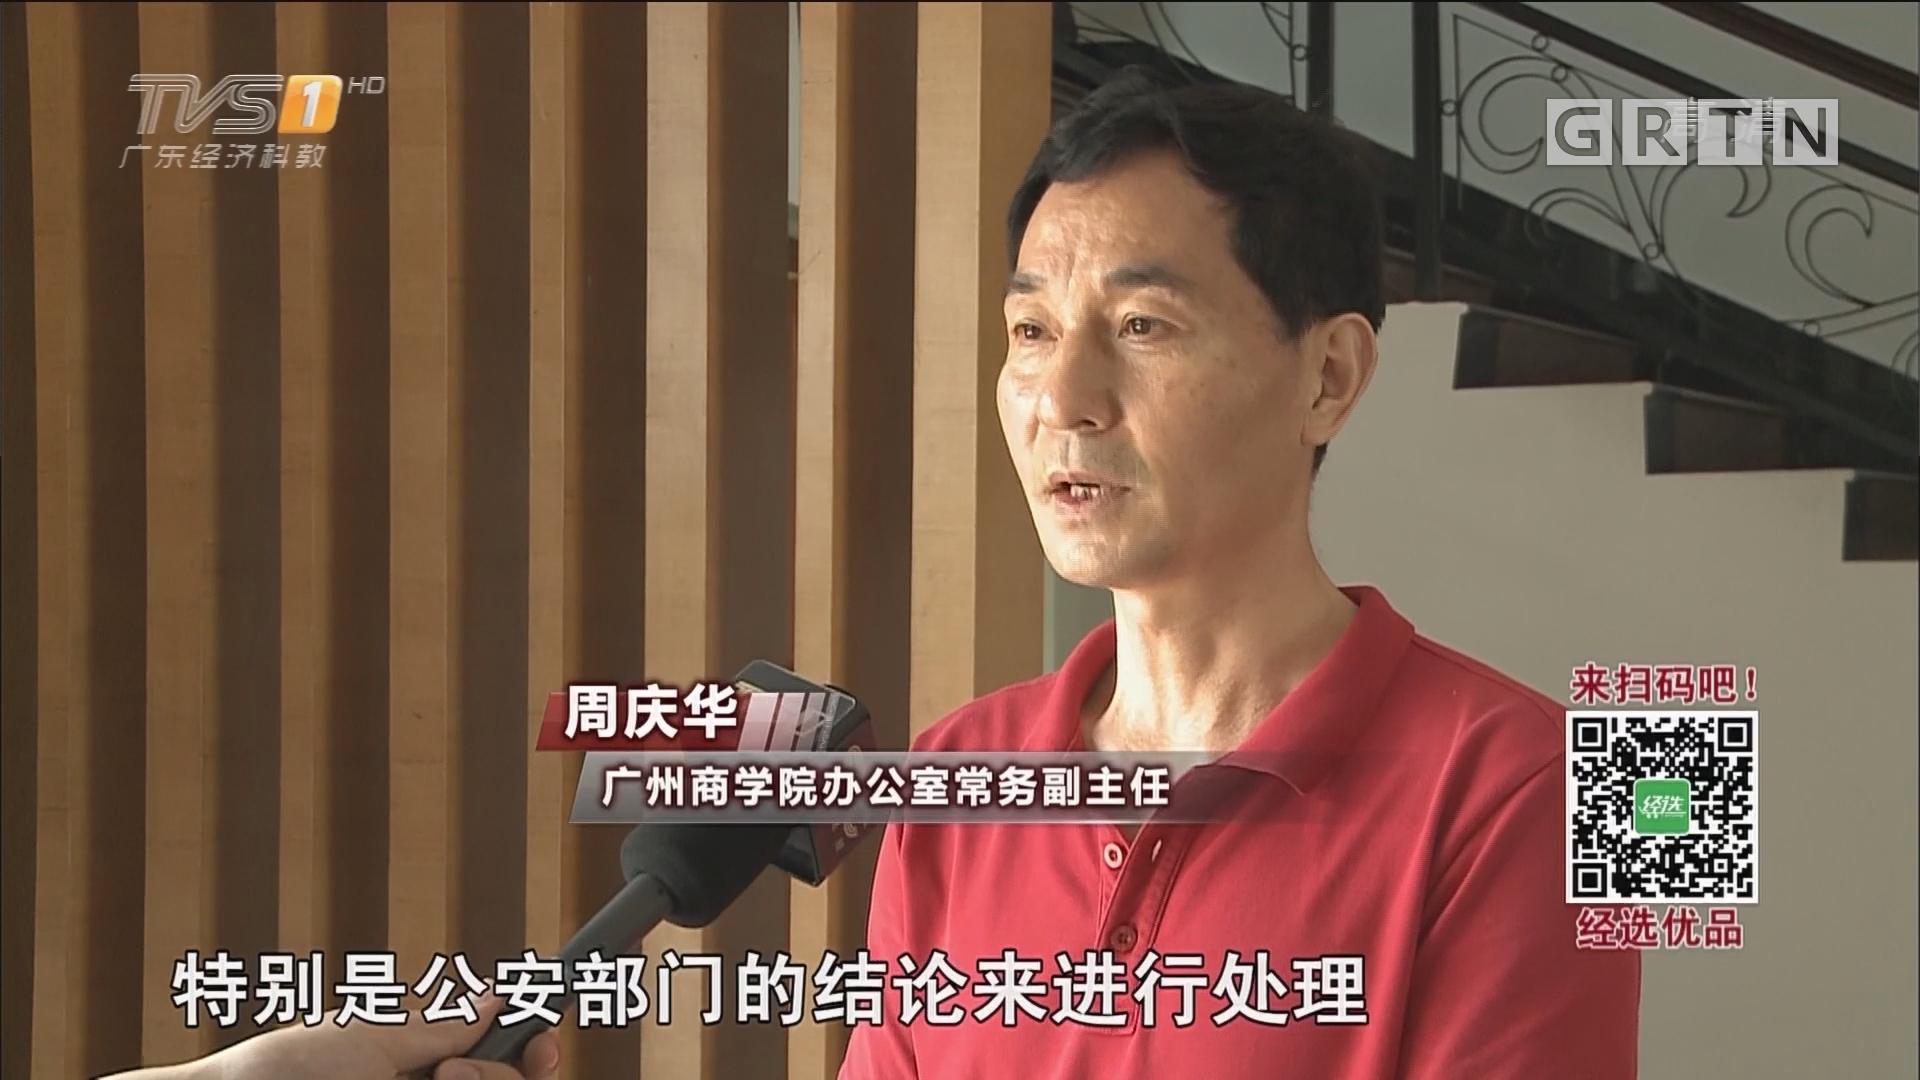 广州:高校女生五楼坠亡 疑似没钥匙翻墙进门导致